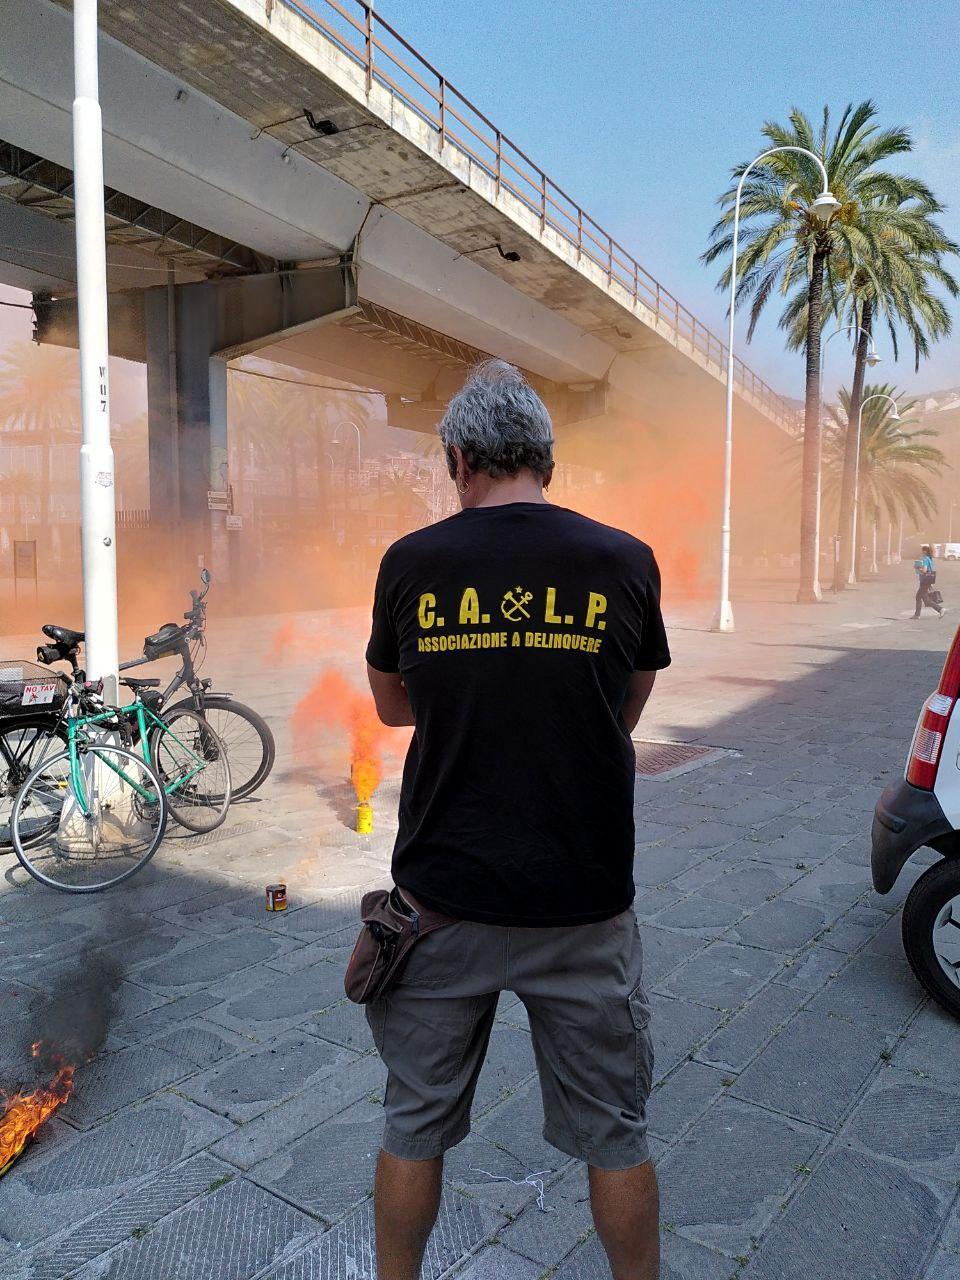 Le magliette del Collettivo autonomo lavoratori portuali contro l'inchiesta per associazione a delinquere nei confronti di sette portuali